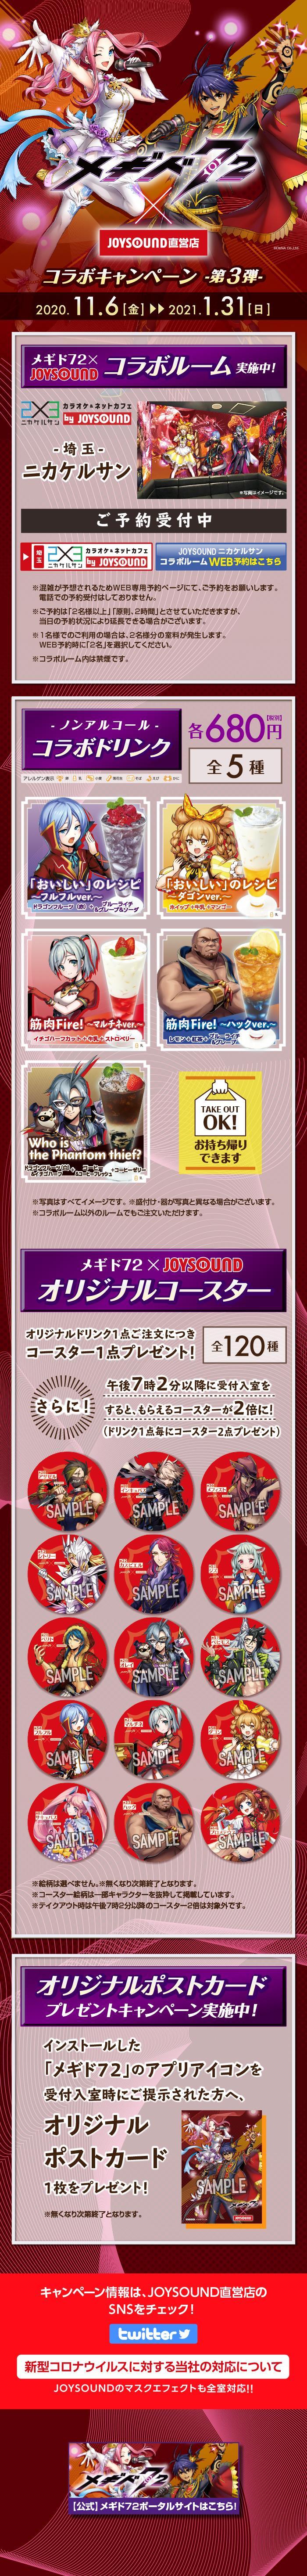 メギド72×JOYSOUND直営店コラボキャンペーン第3弾